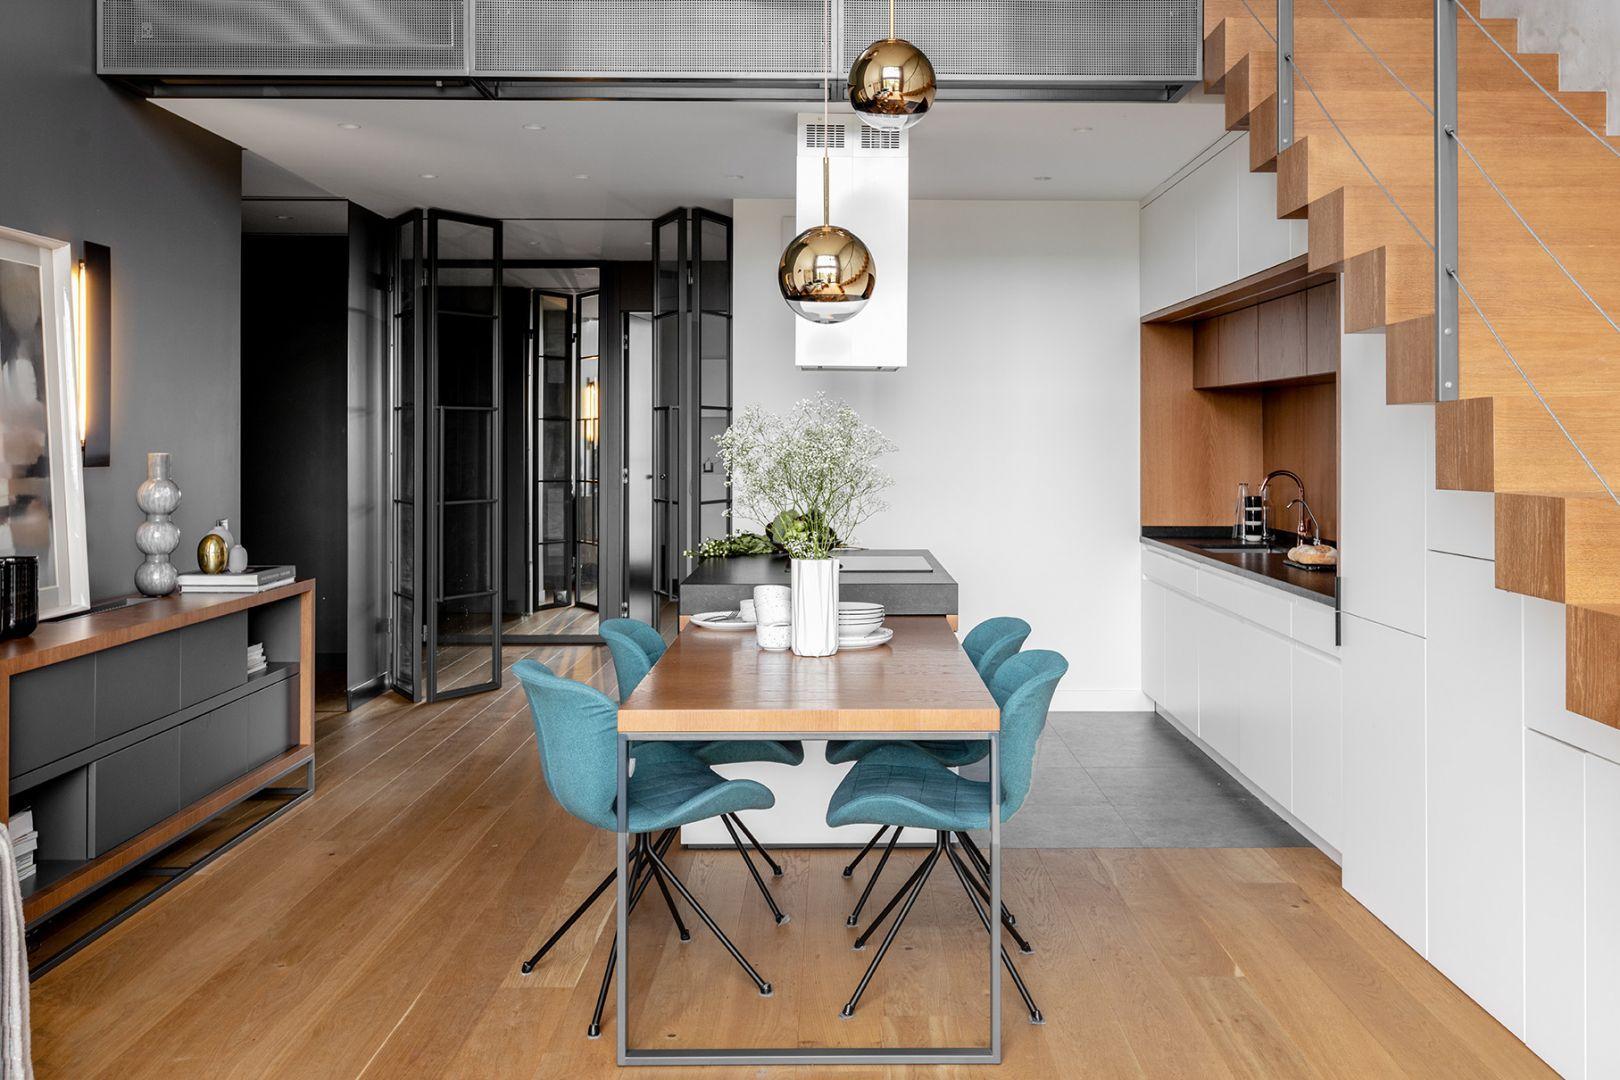 Niezbędnym uzupełnieniem aranżacji jadalni w stylu industrialnym jest charakterystyczne oświetlenie, które dobrze jest umieścić tuż nad stołem. Projekt: JMW Architekci. Fot. Ola Dermont i JMW Architekci